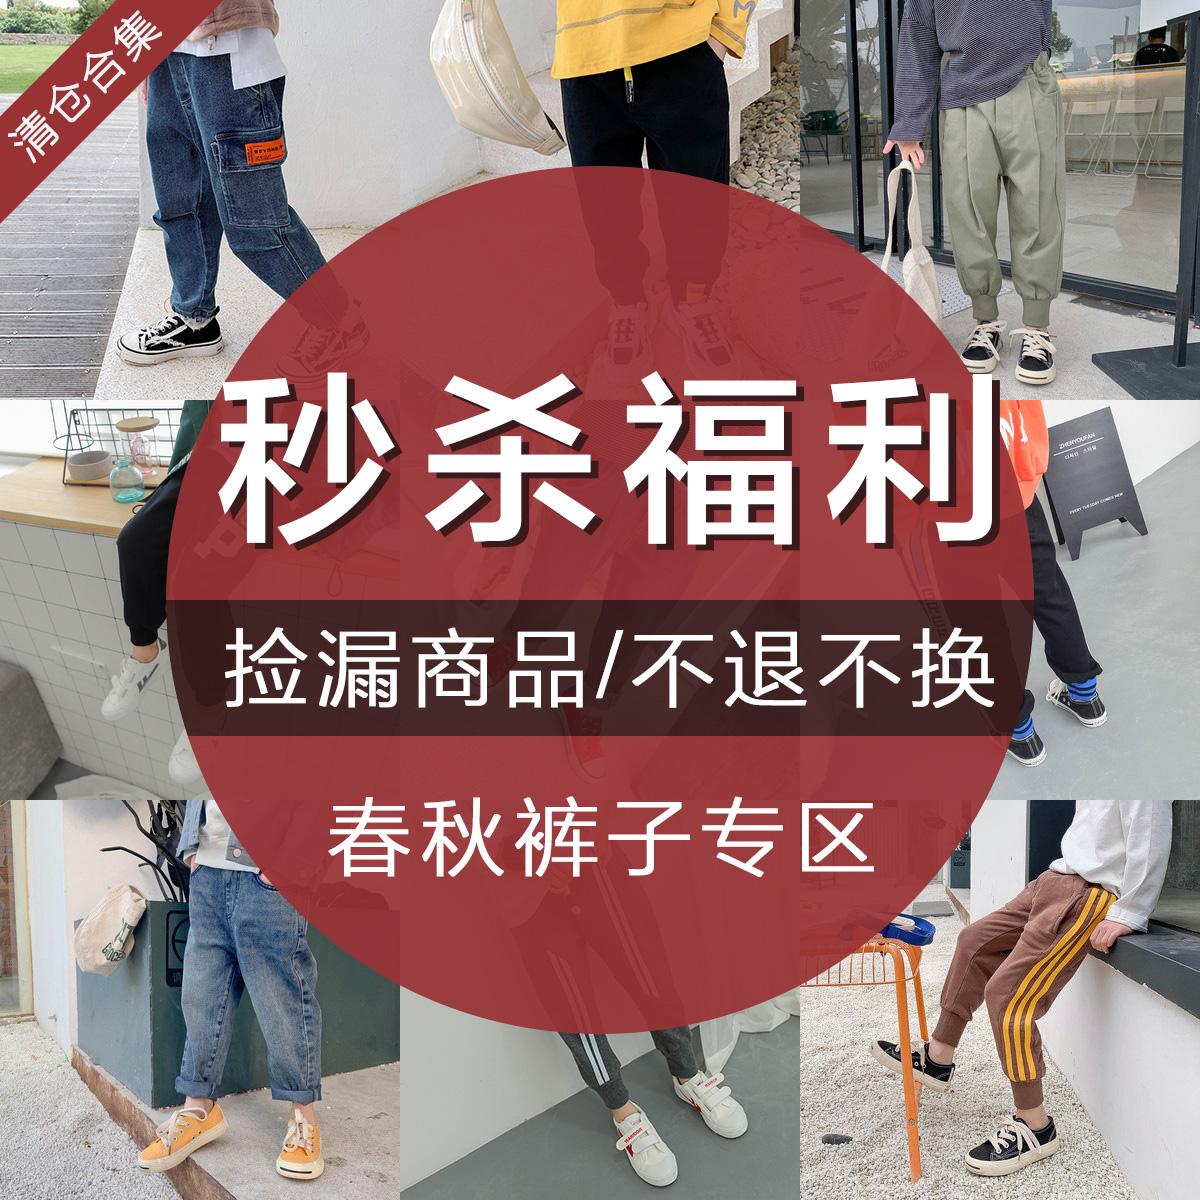 春秋款裤子秒杀 【关注店铺查看秒杀价】 不定期更新